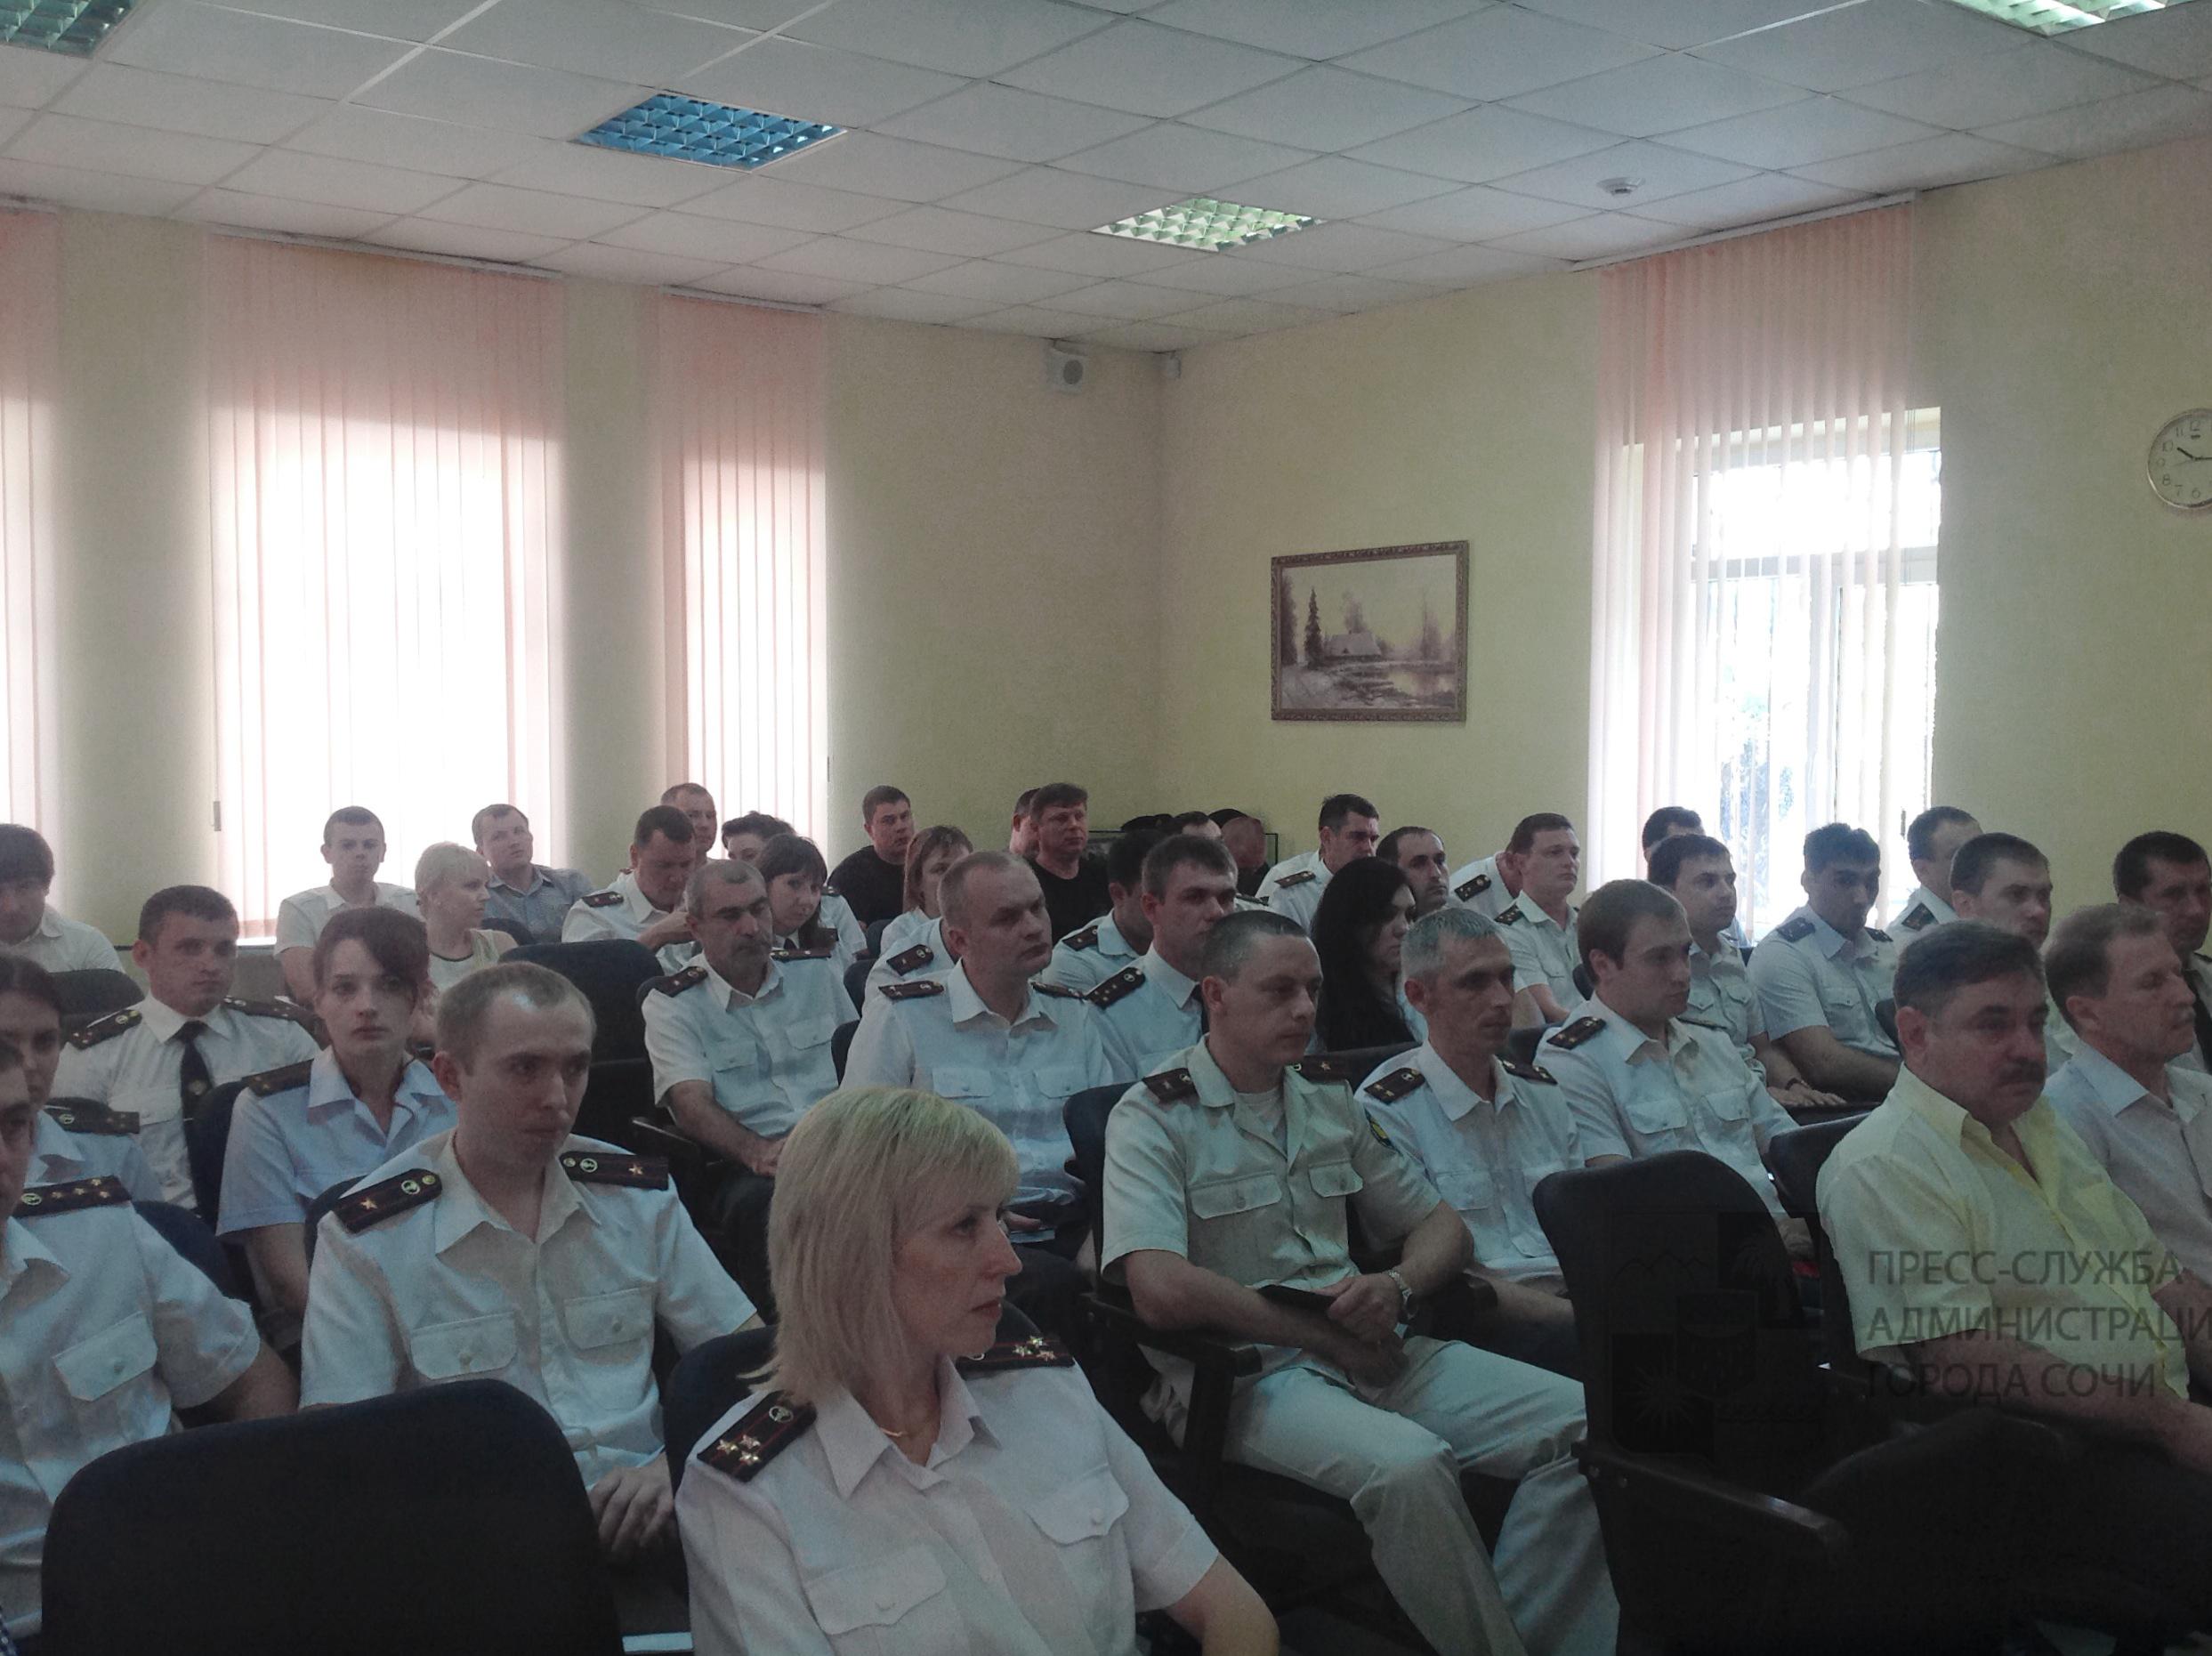 Фскн фото сотрудников города ульяновска замер